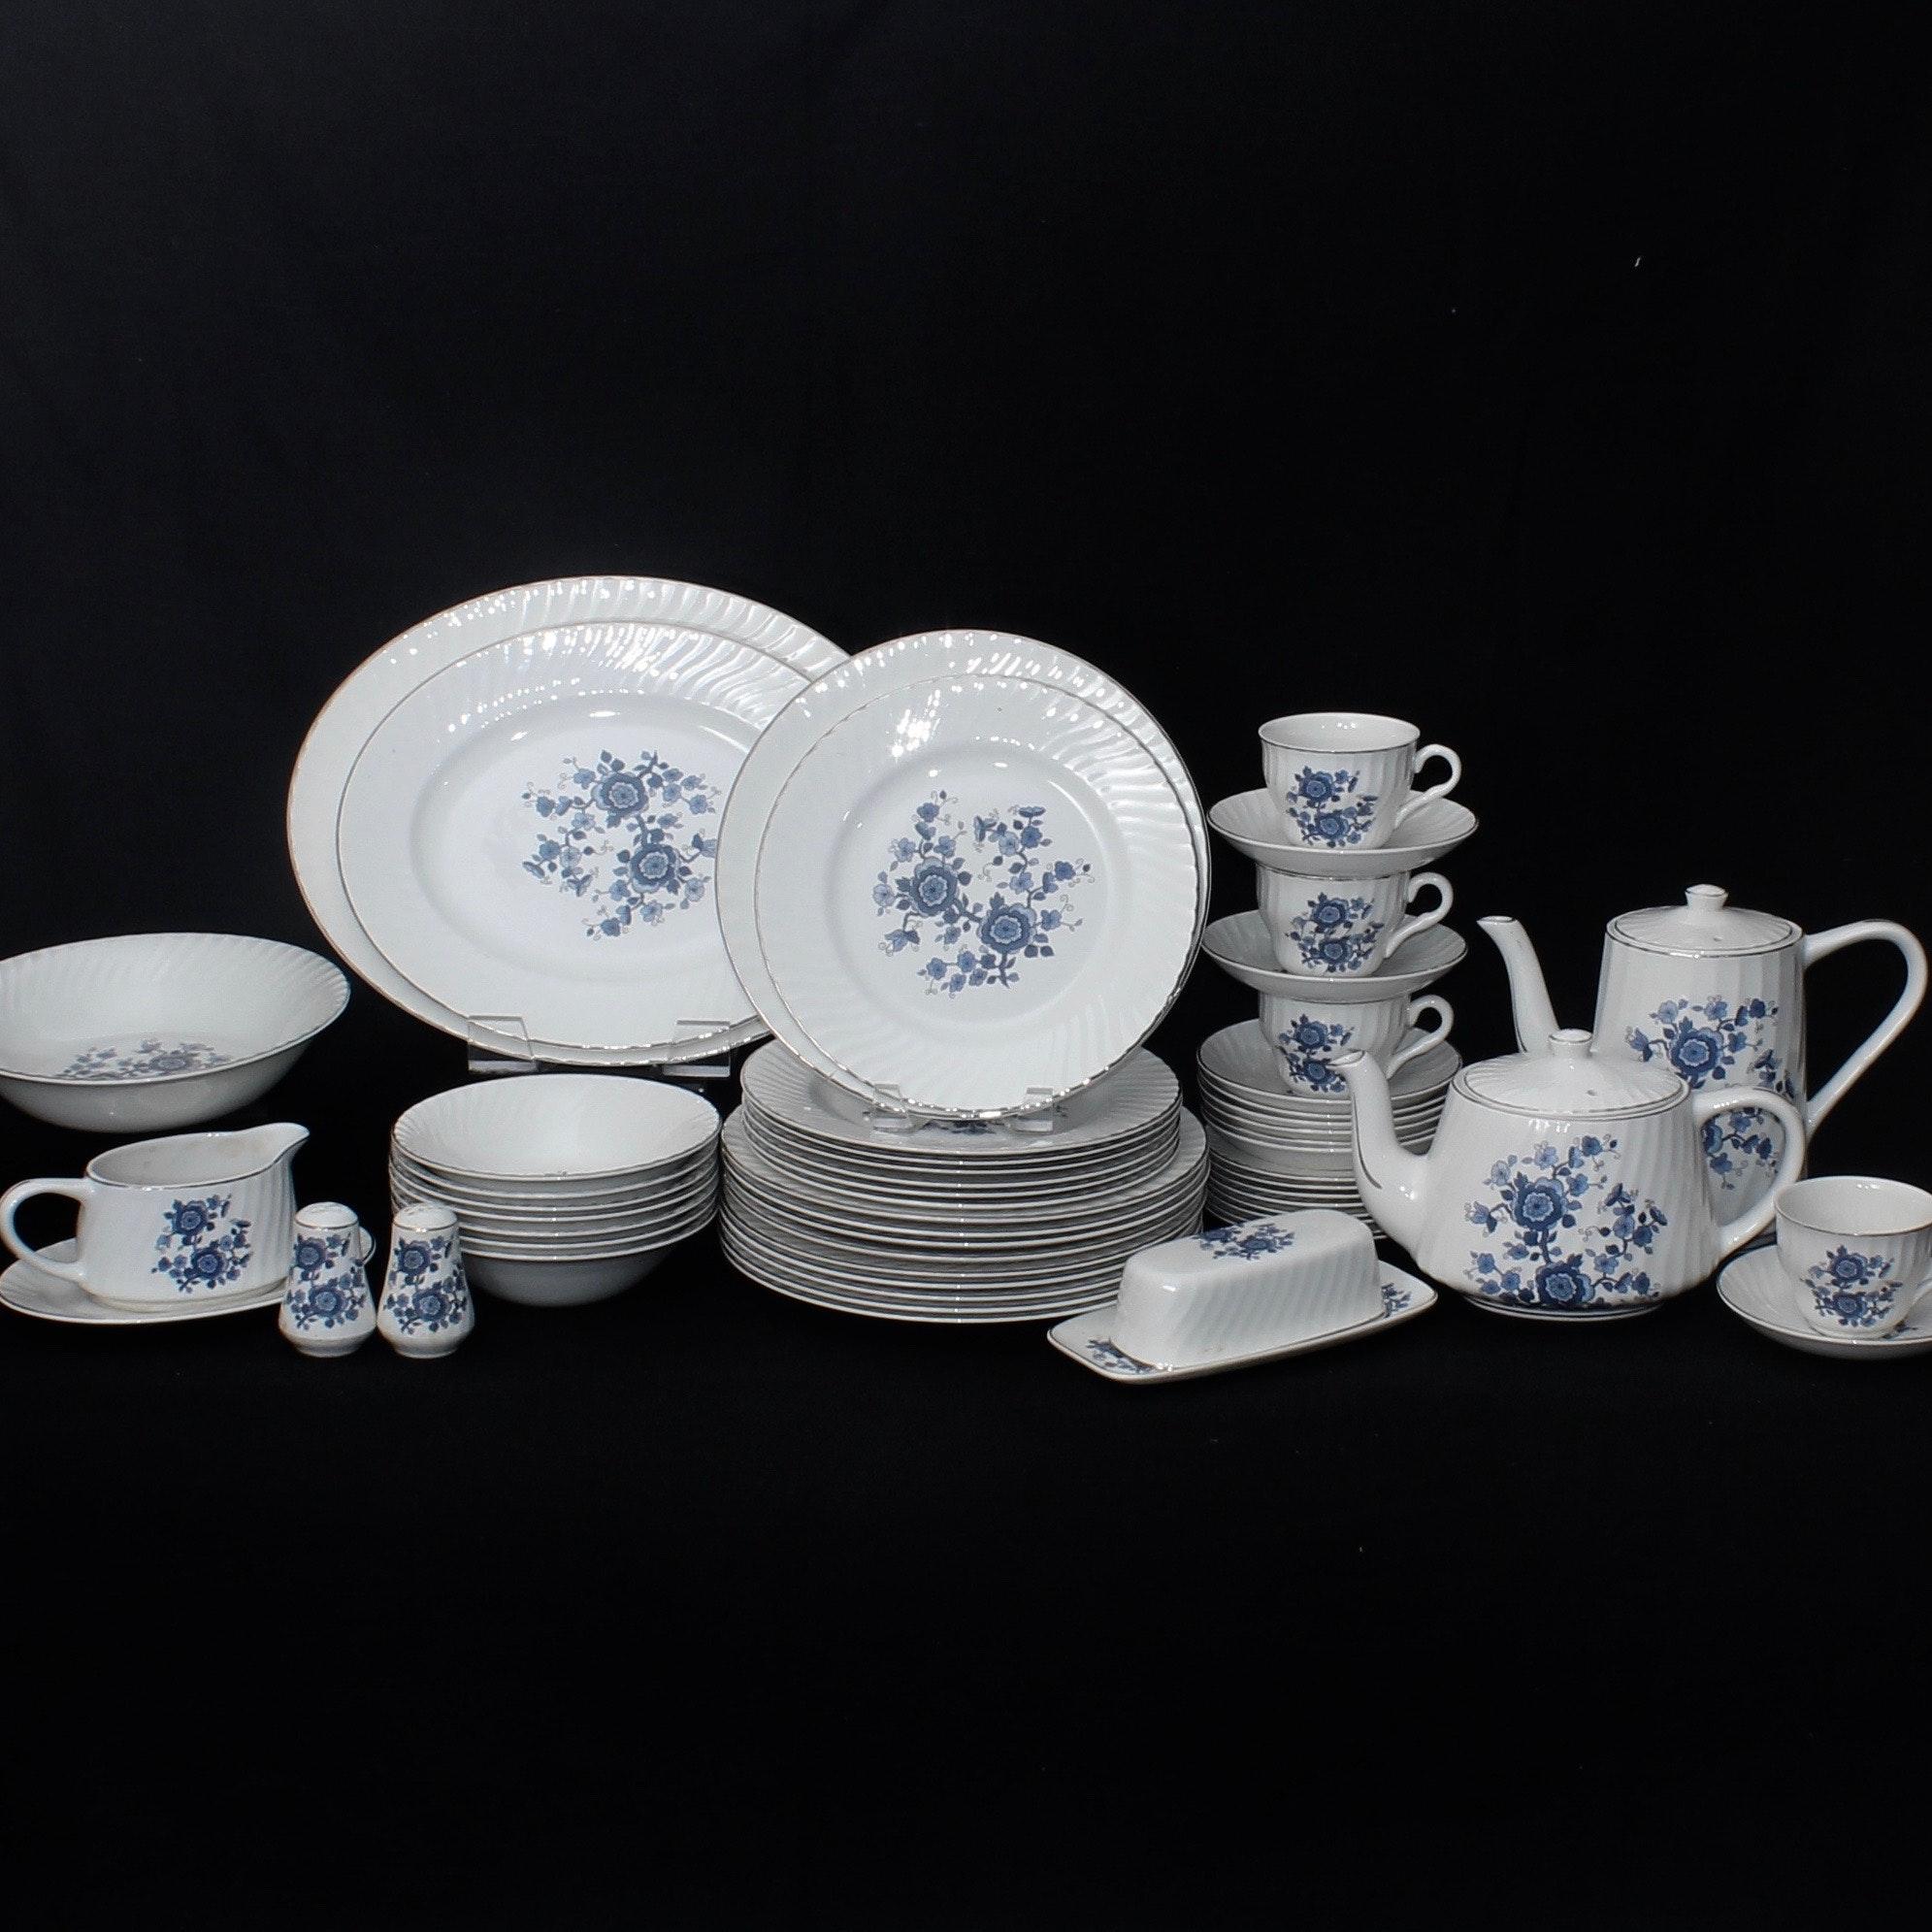 Royal Blue Wedgwood Ironstone China